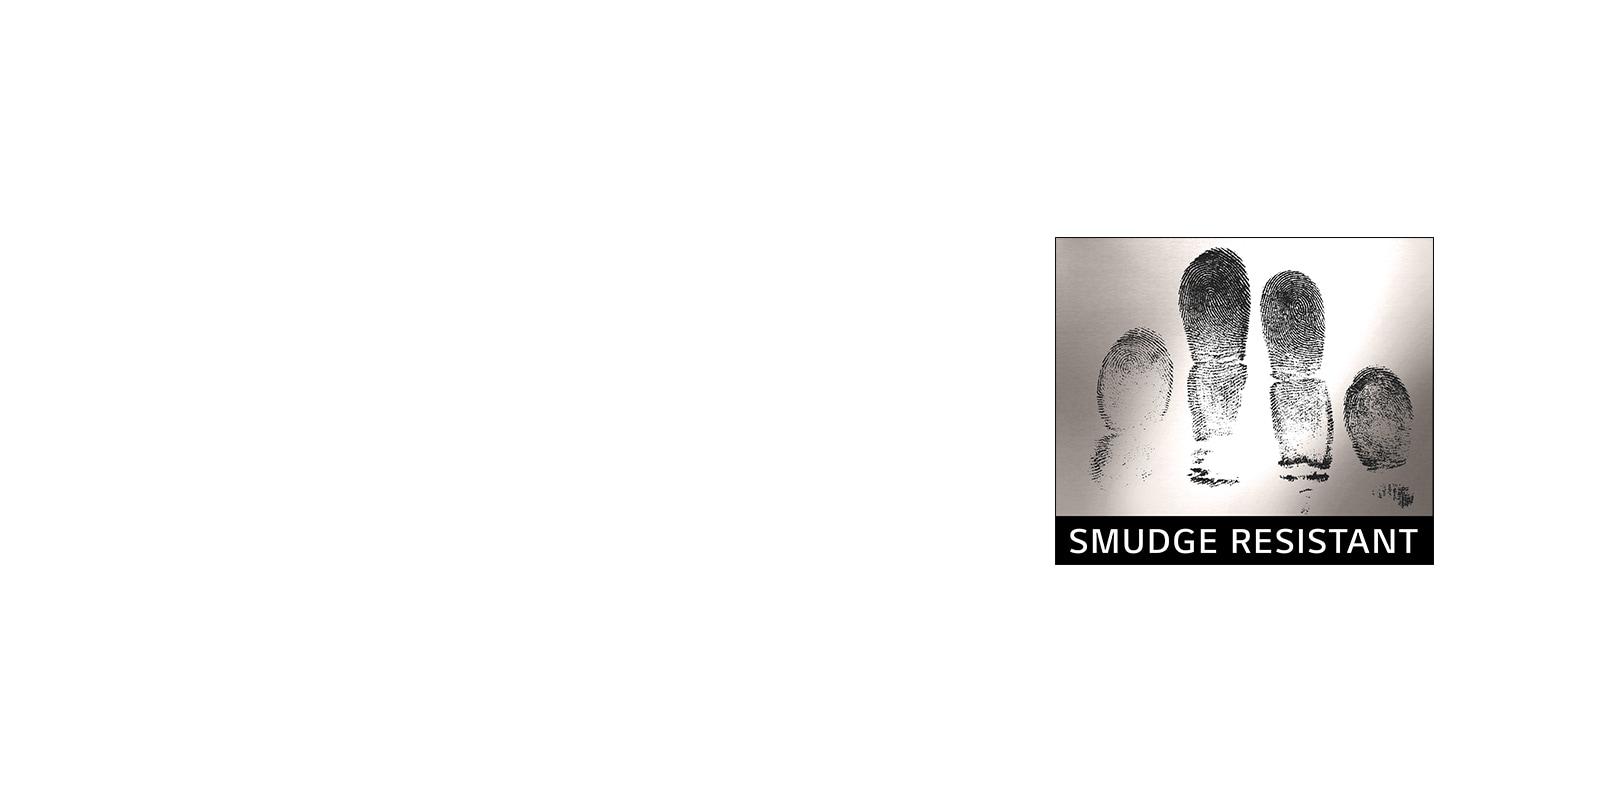 WTS21HHBK_smudge_resistant_31122018_D